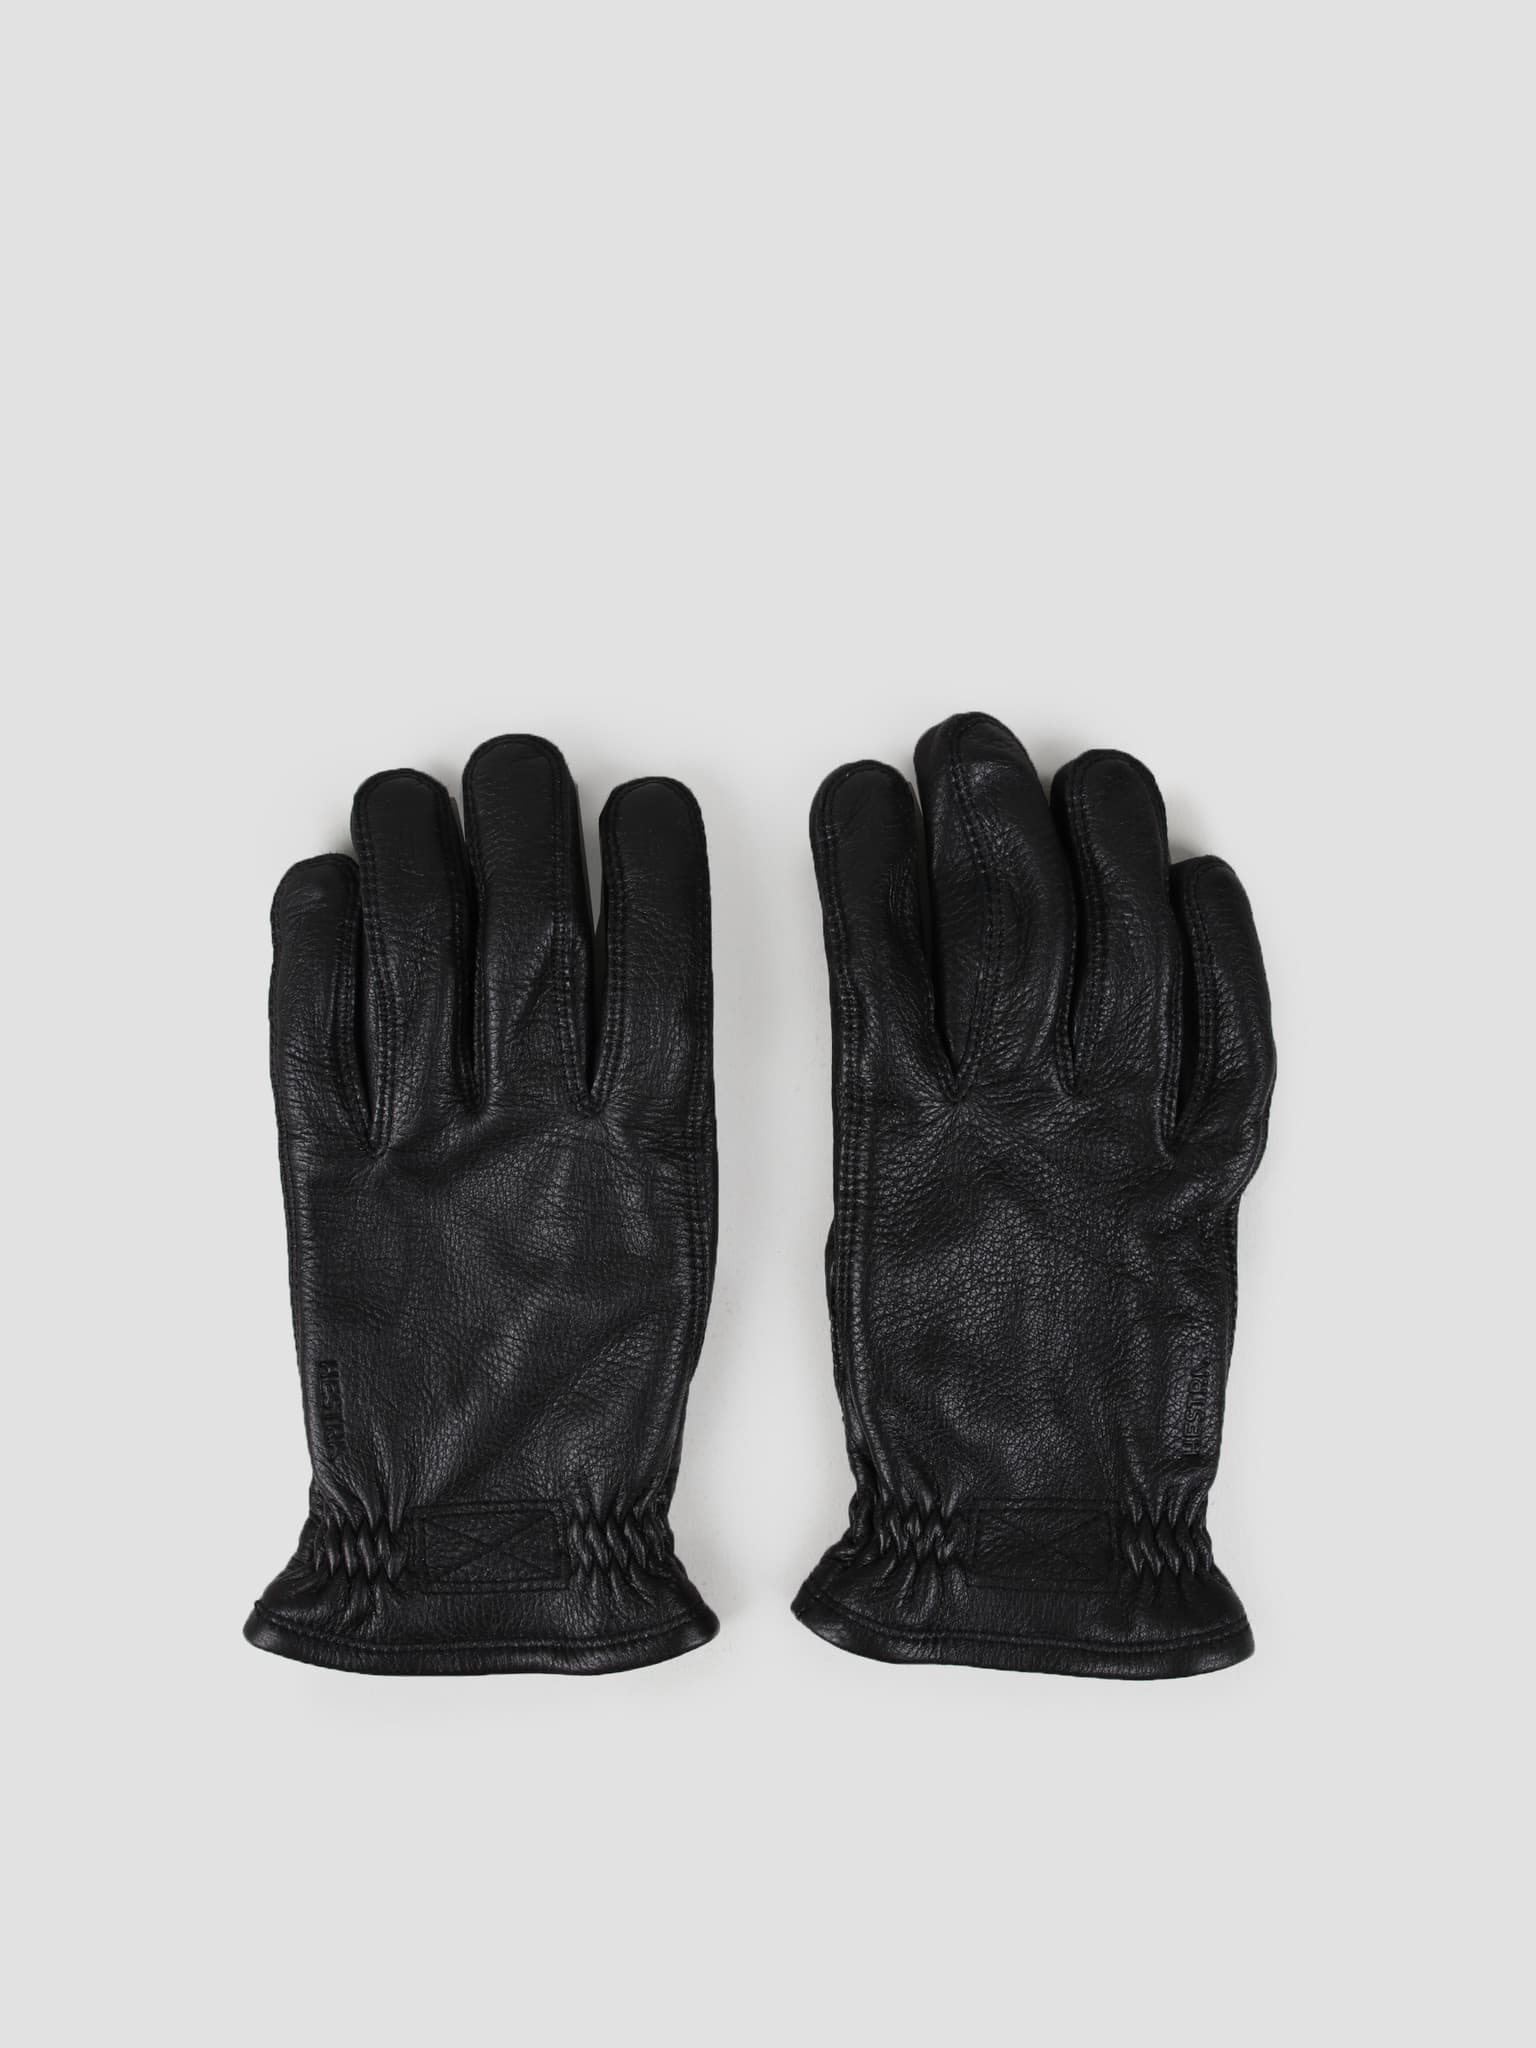 Särna Glove Black 20890